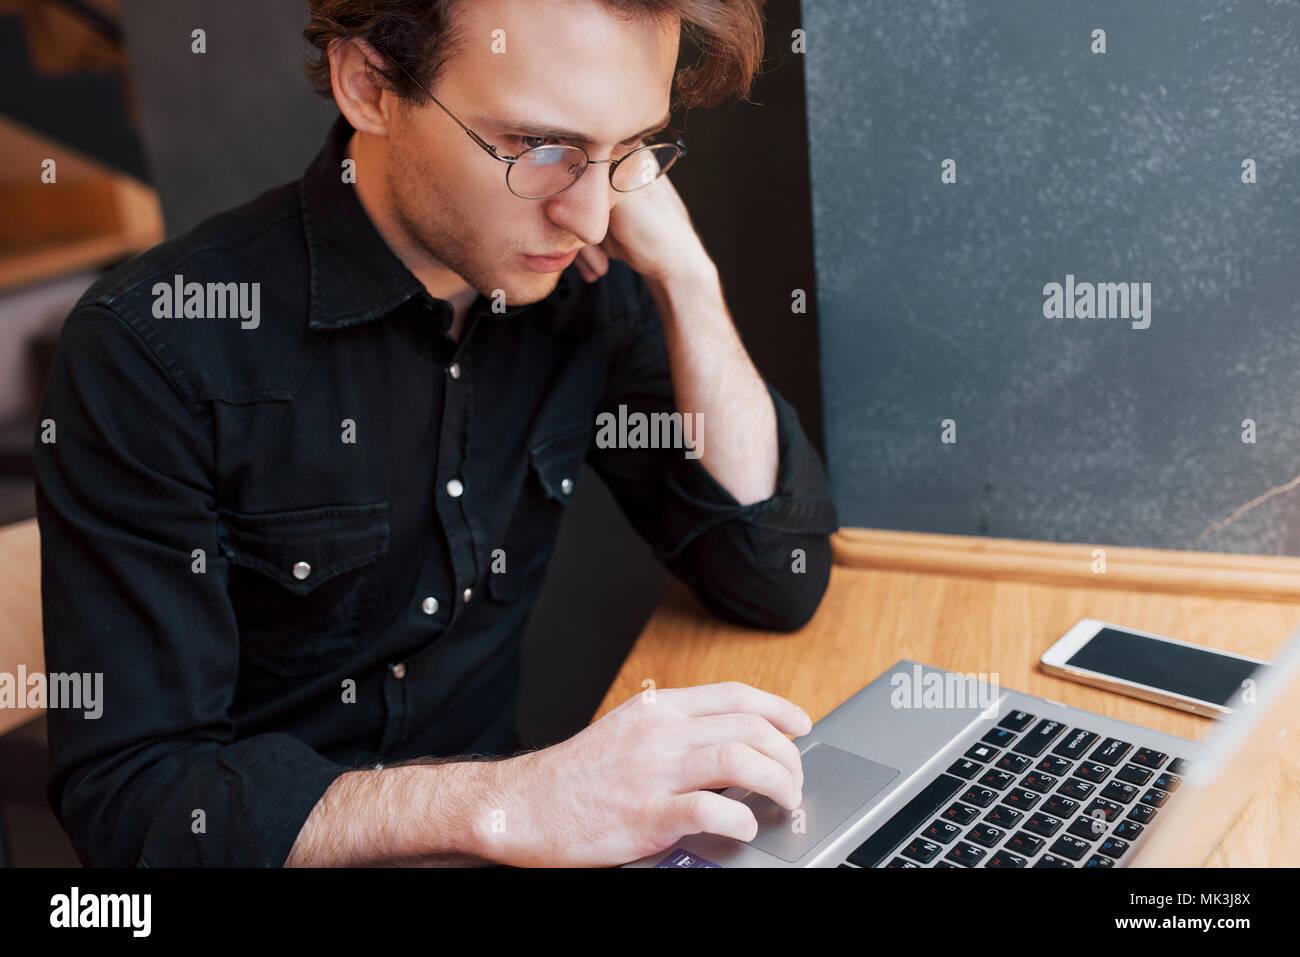 Kreative Menschen Designer arbeiten auf seinem Laptop Computer, während für Aufträge, die an seinem Lieblingscafé drinnen warten, männliche Kursteilnehmer auf Net Working - buchen Sie beim morgendlichen Frühstück in modernen Kaffee Shop Interior Stockbild